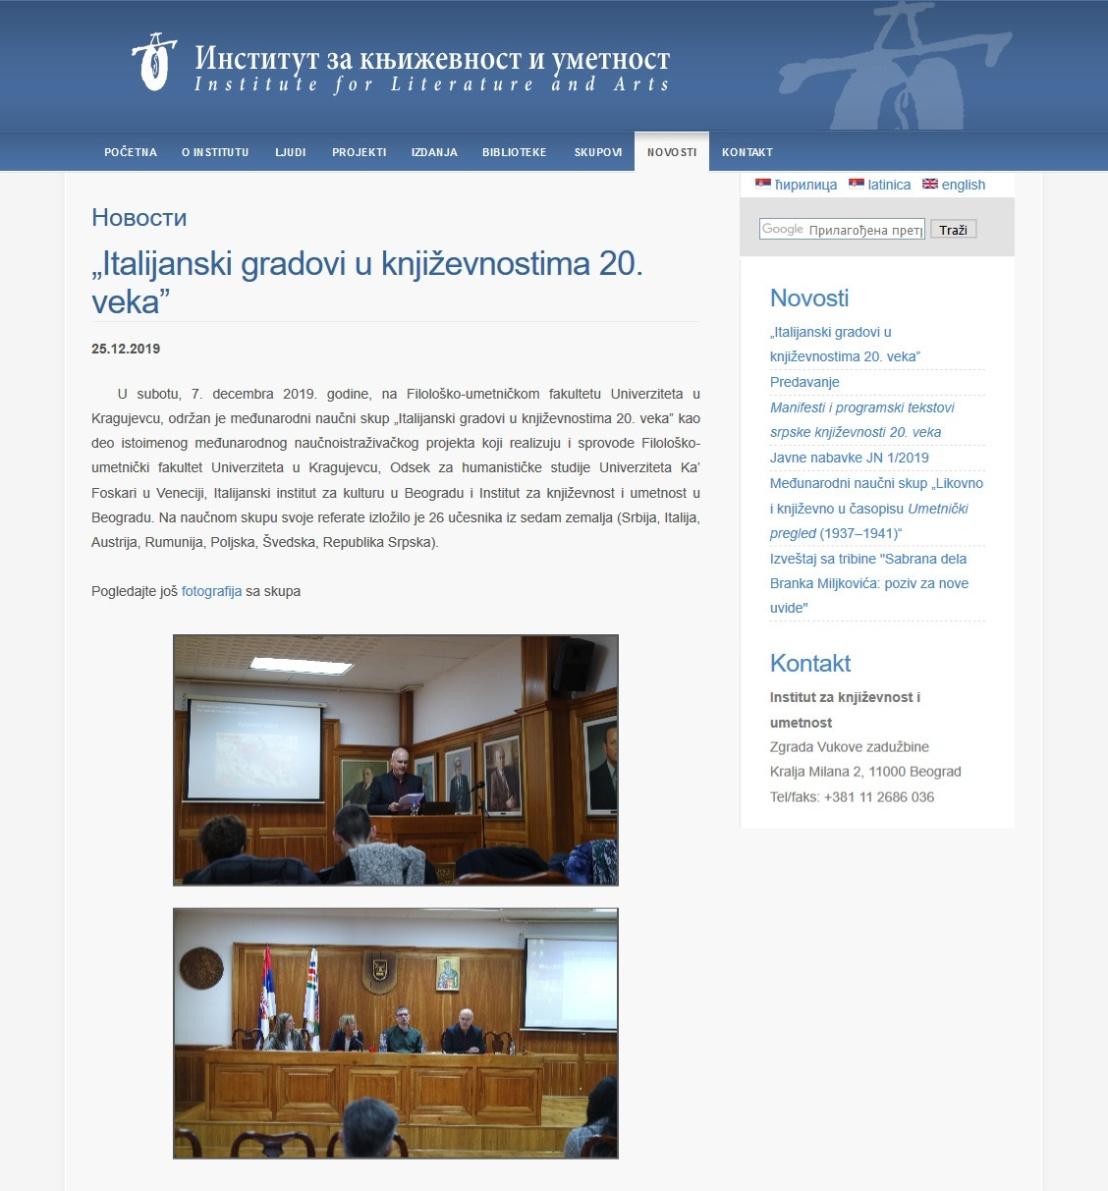 2512 - ikum.org.rs - Institut za knjizevnost i umetnost.jpeg